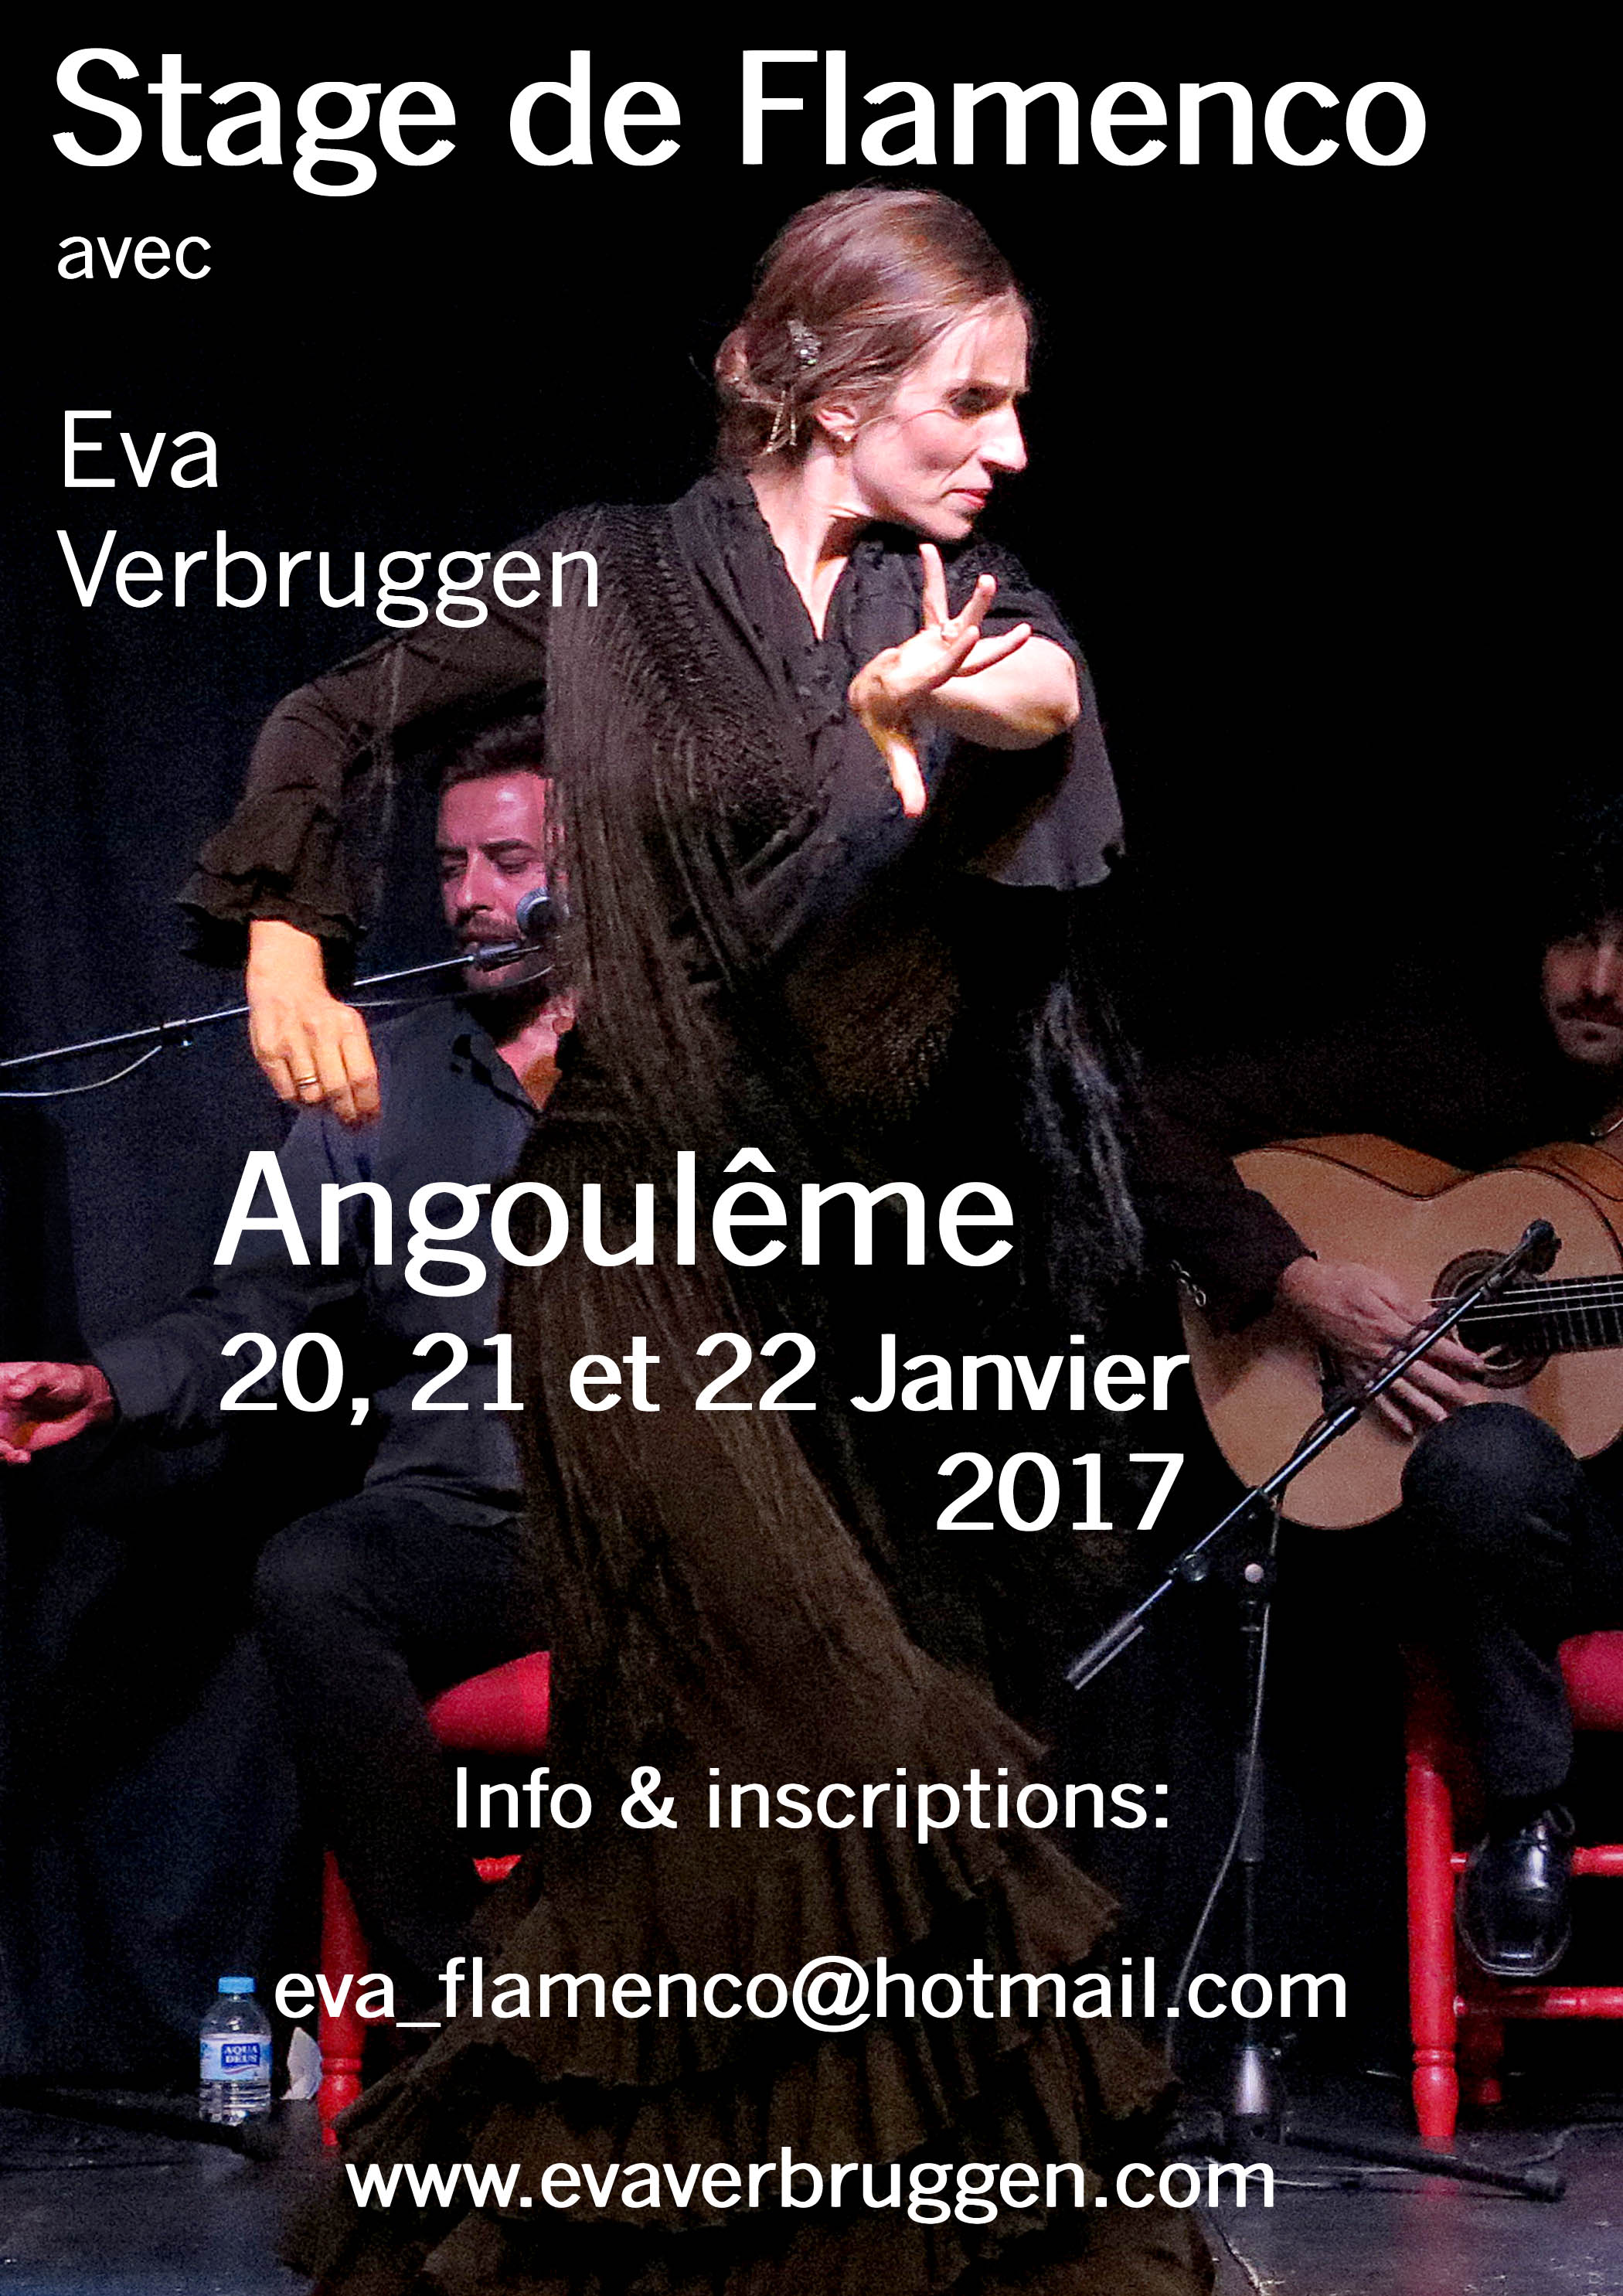 angouleme-20-21-22-janvier-flamenco-eva-verbruggen-posters